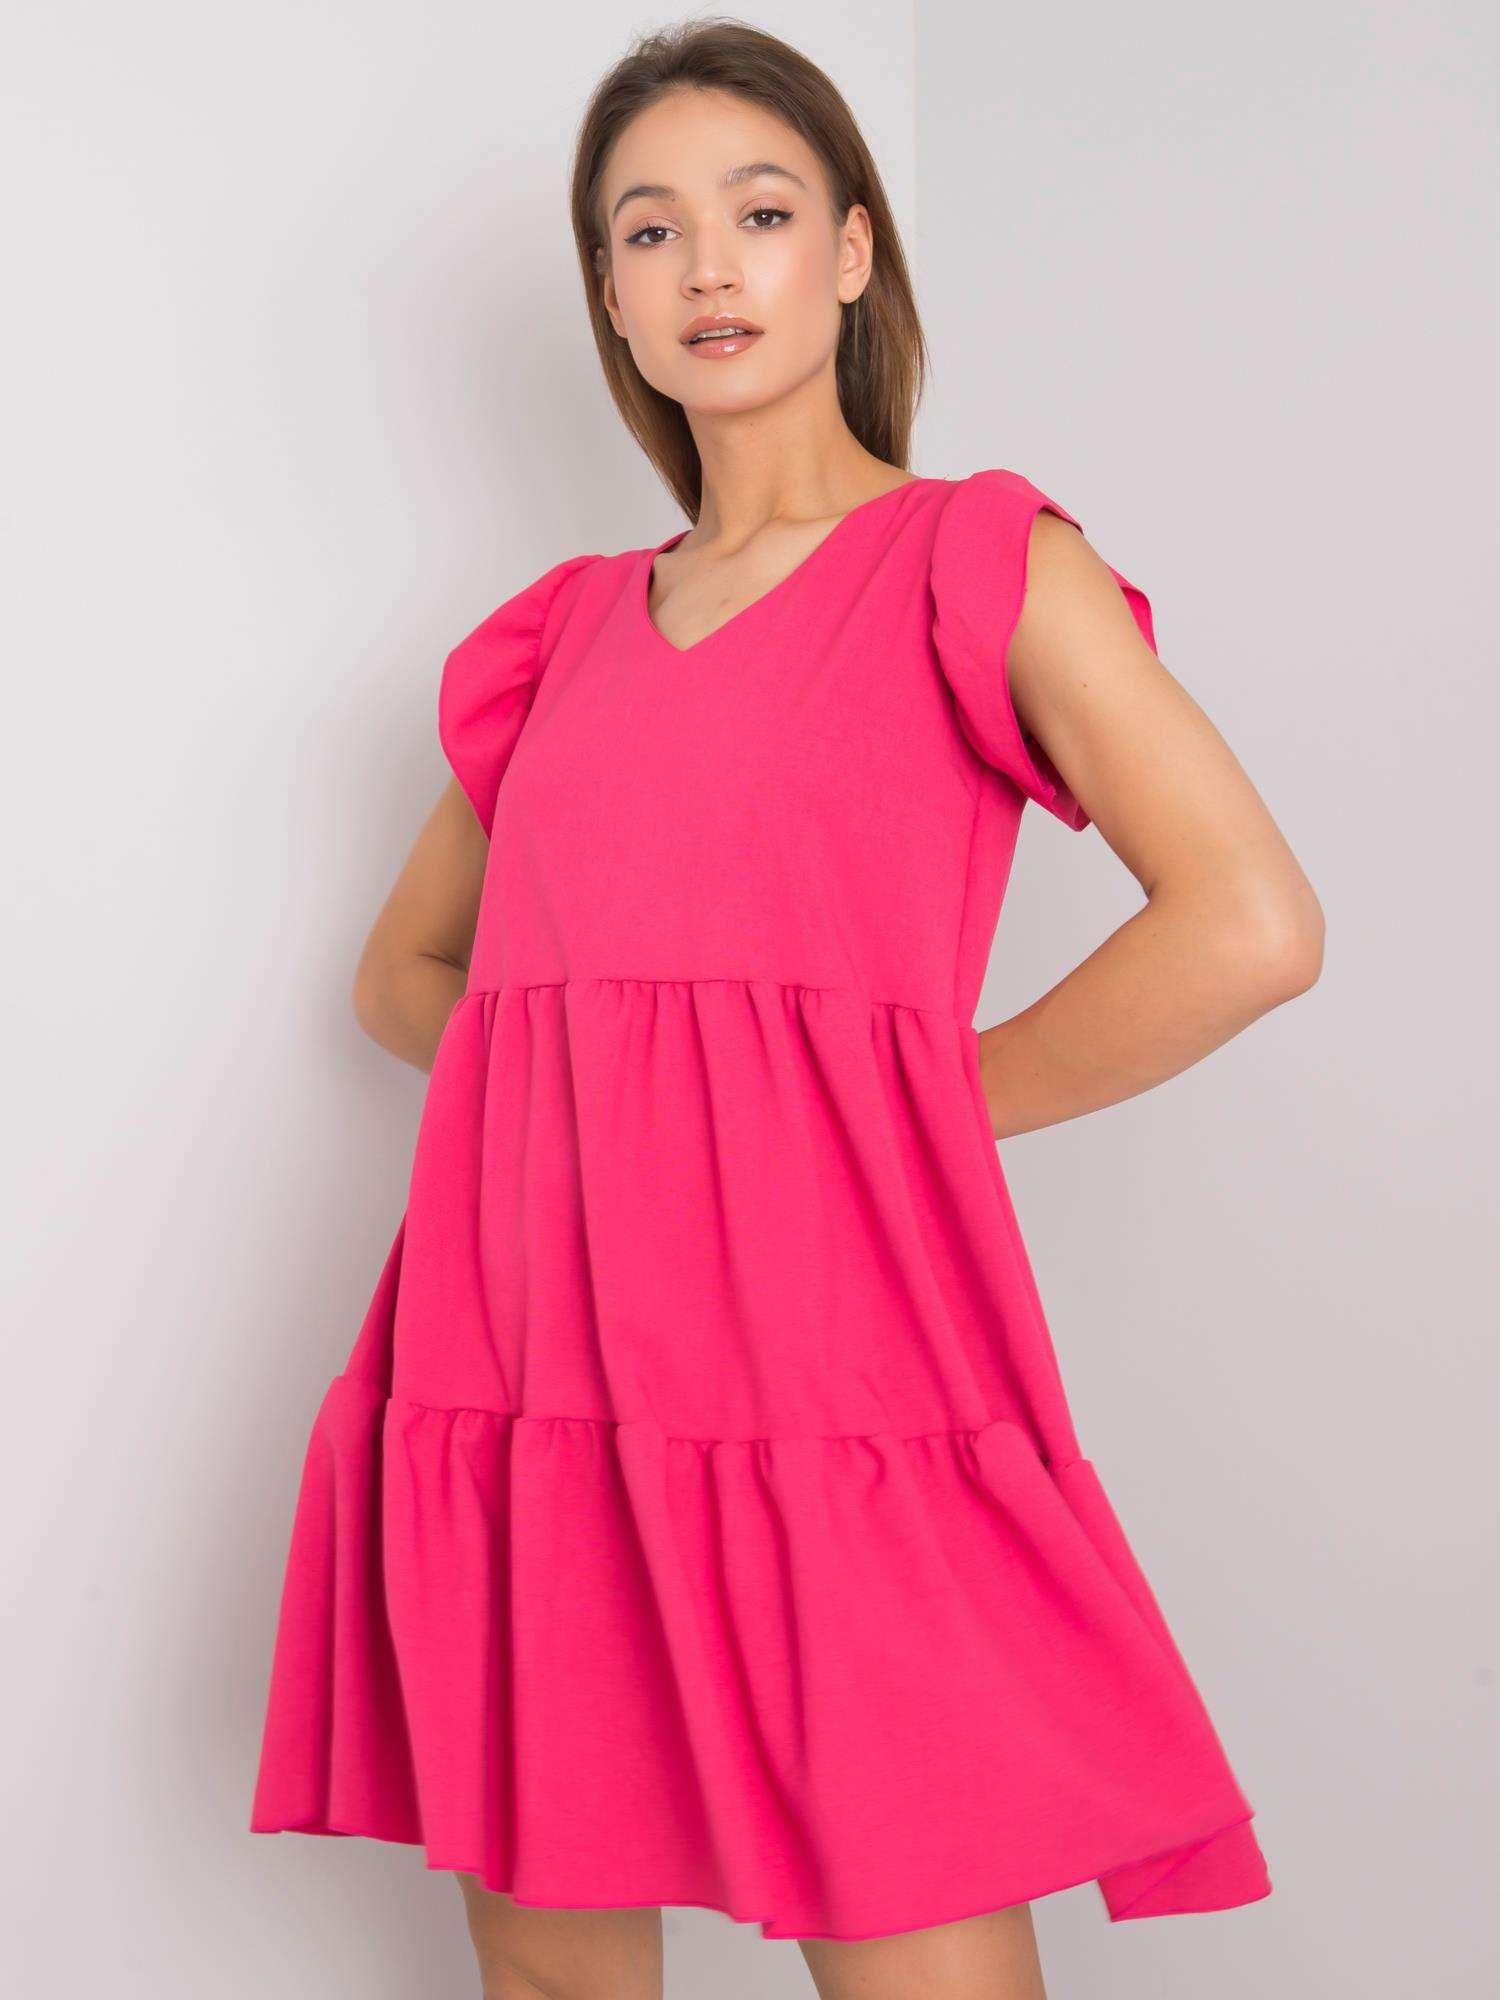 Vzdušné krátke ružové šaty s volánmi - M